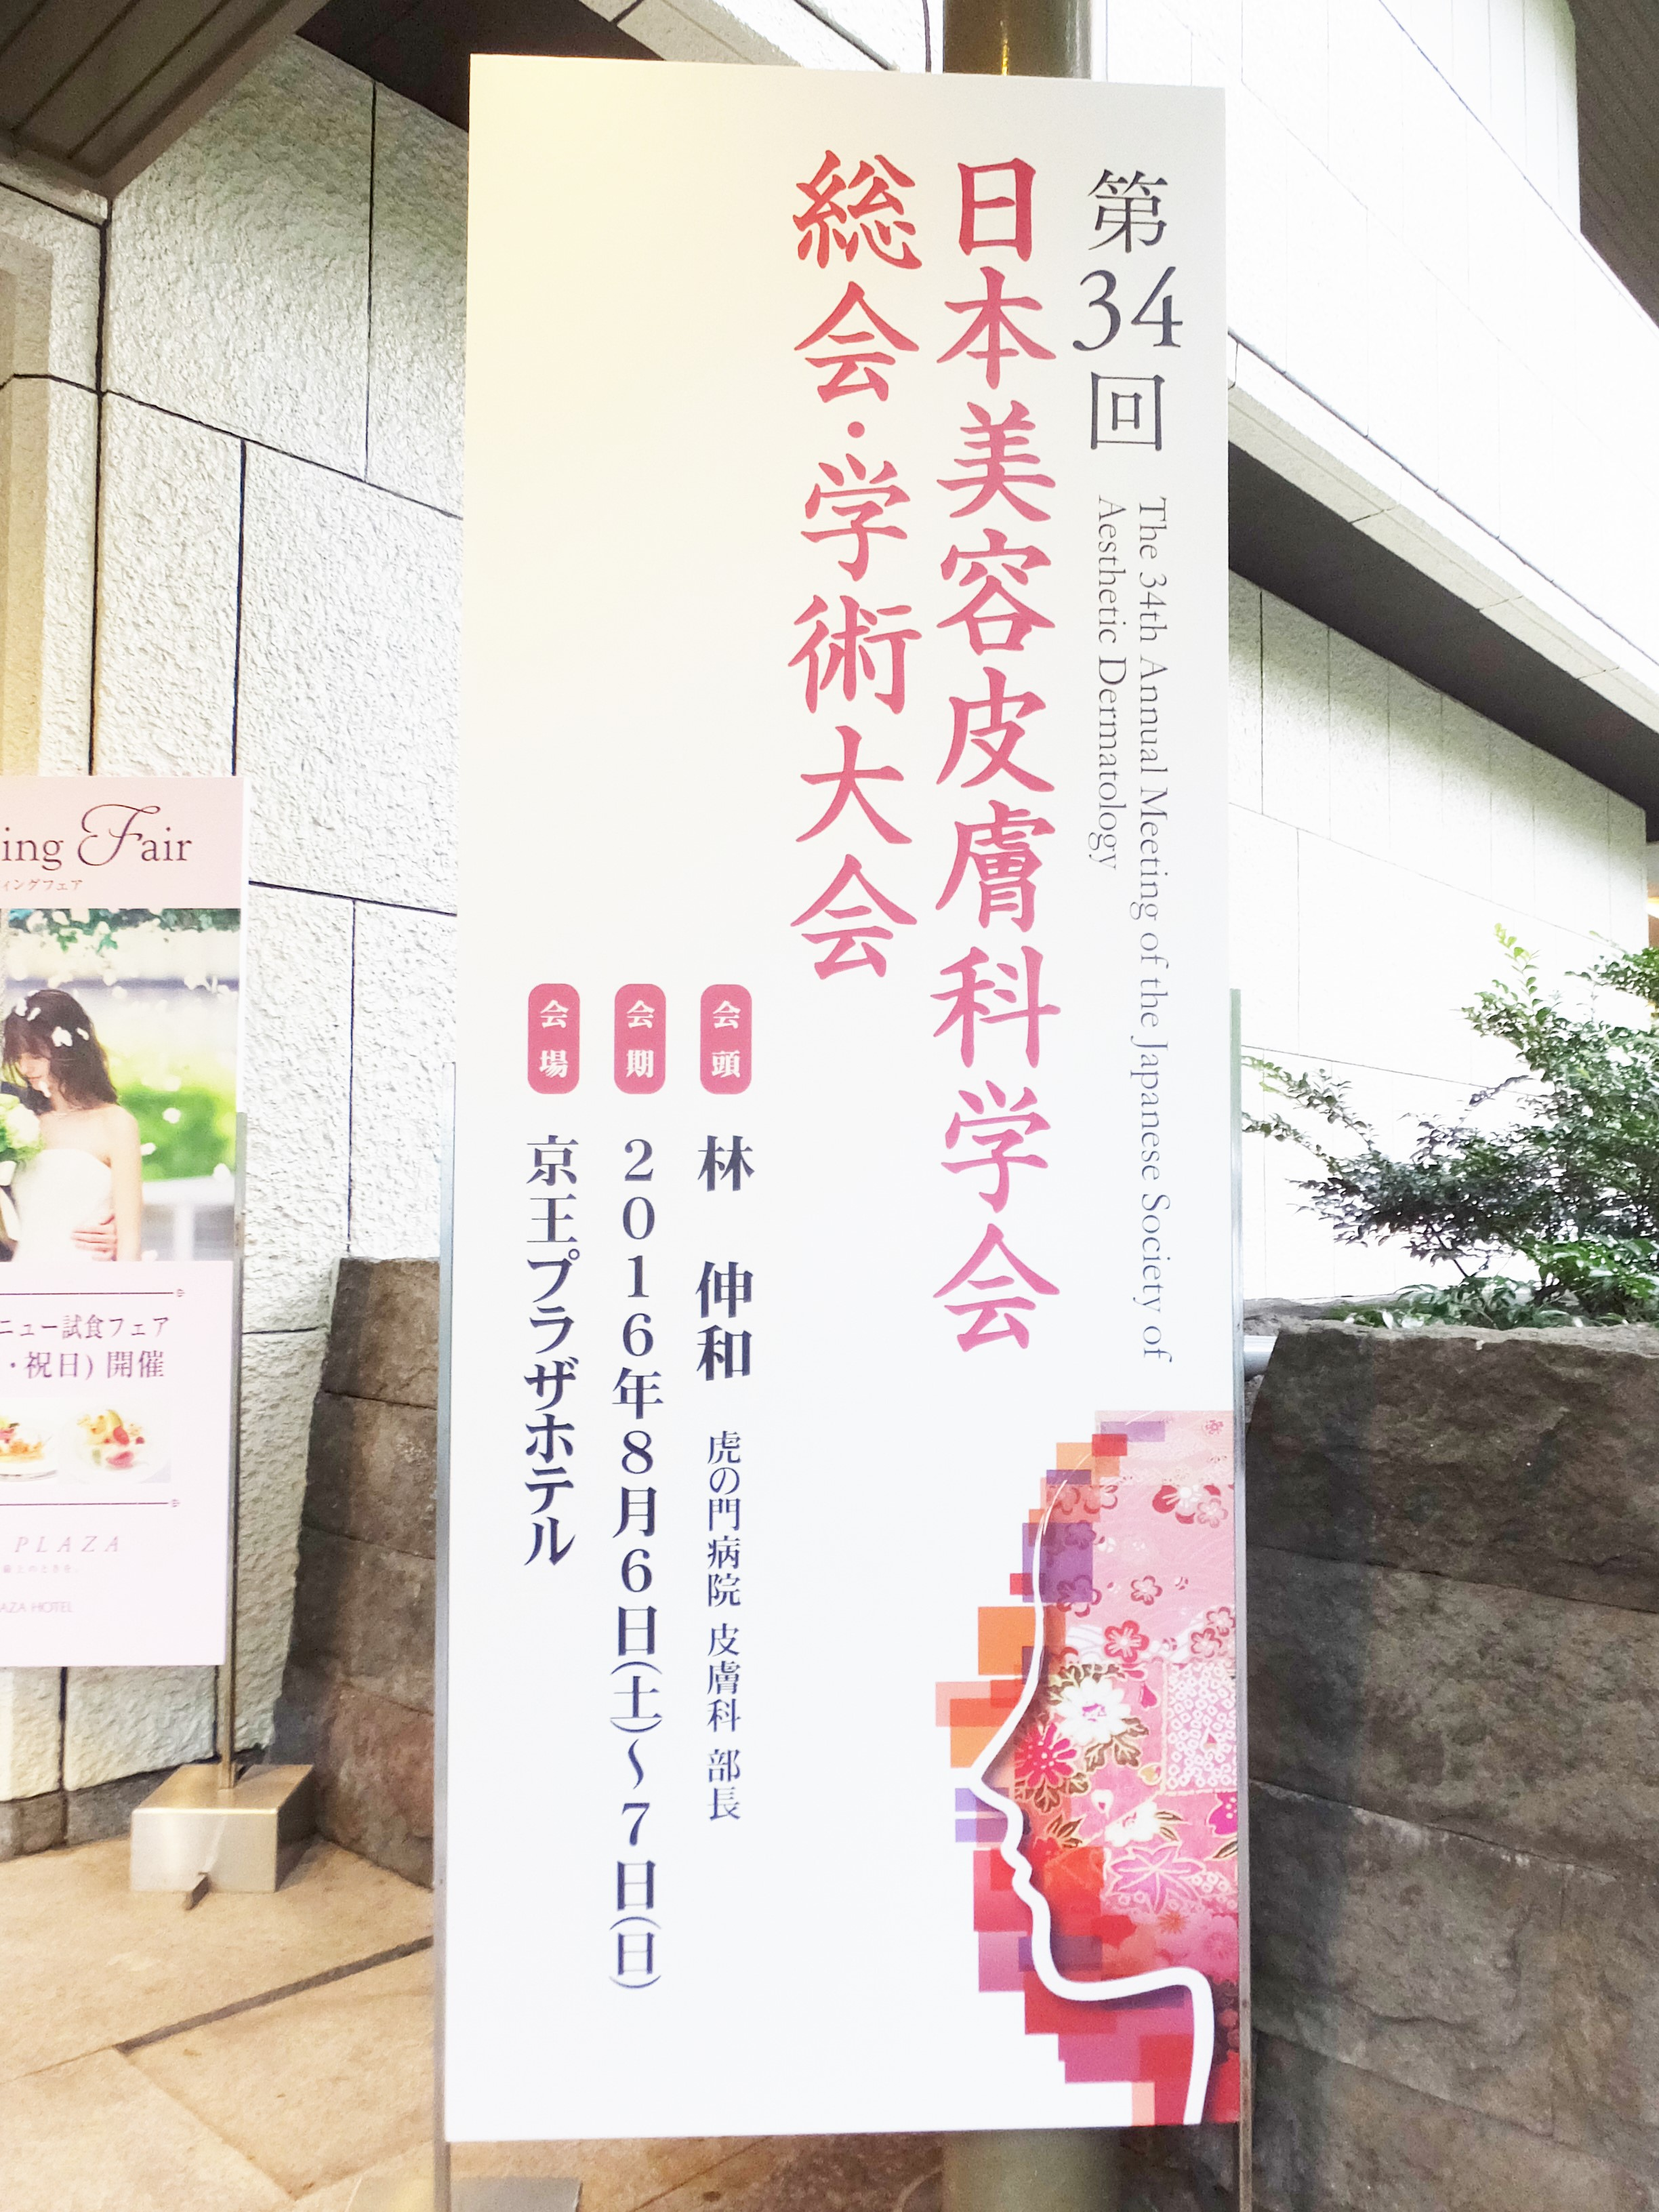 美容 科学 会 皮膚 日本